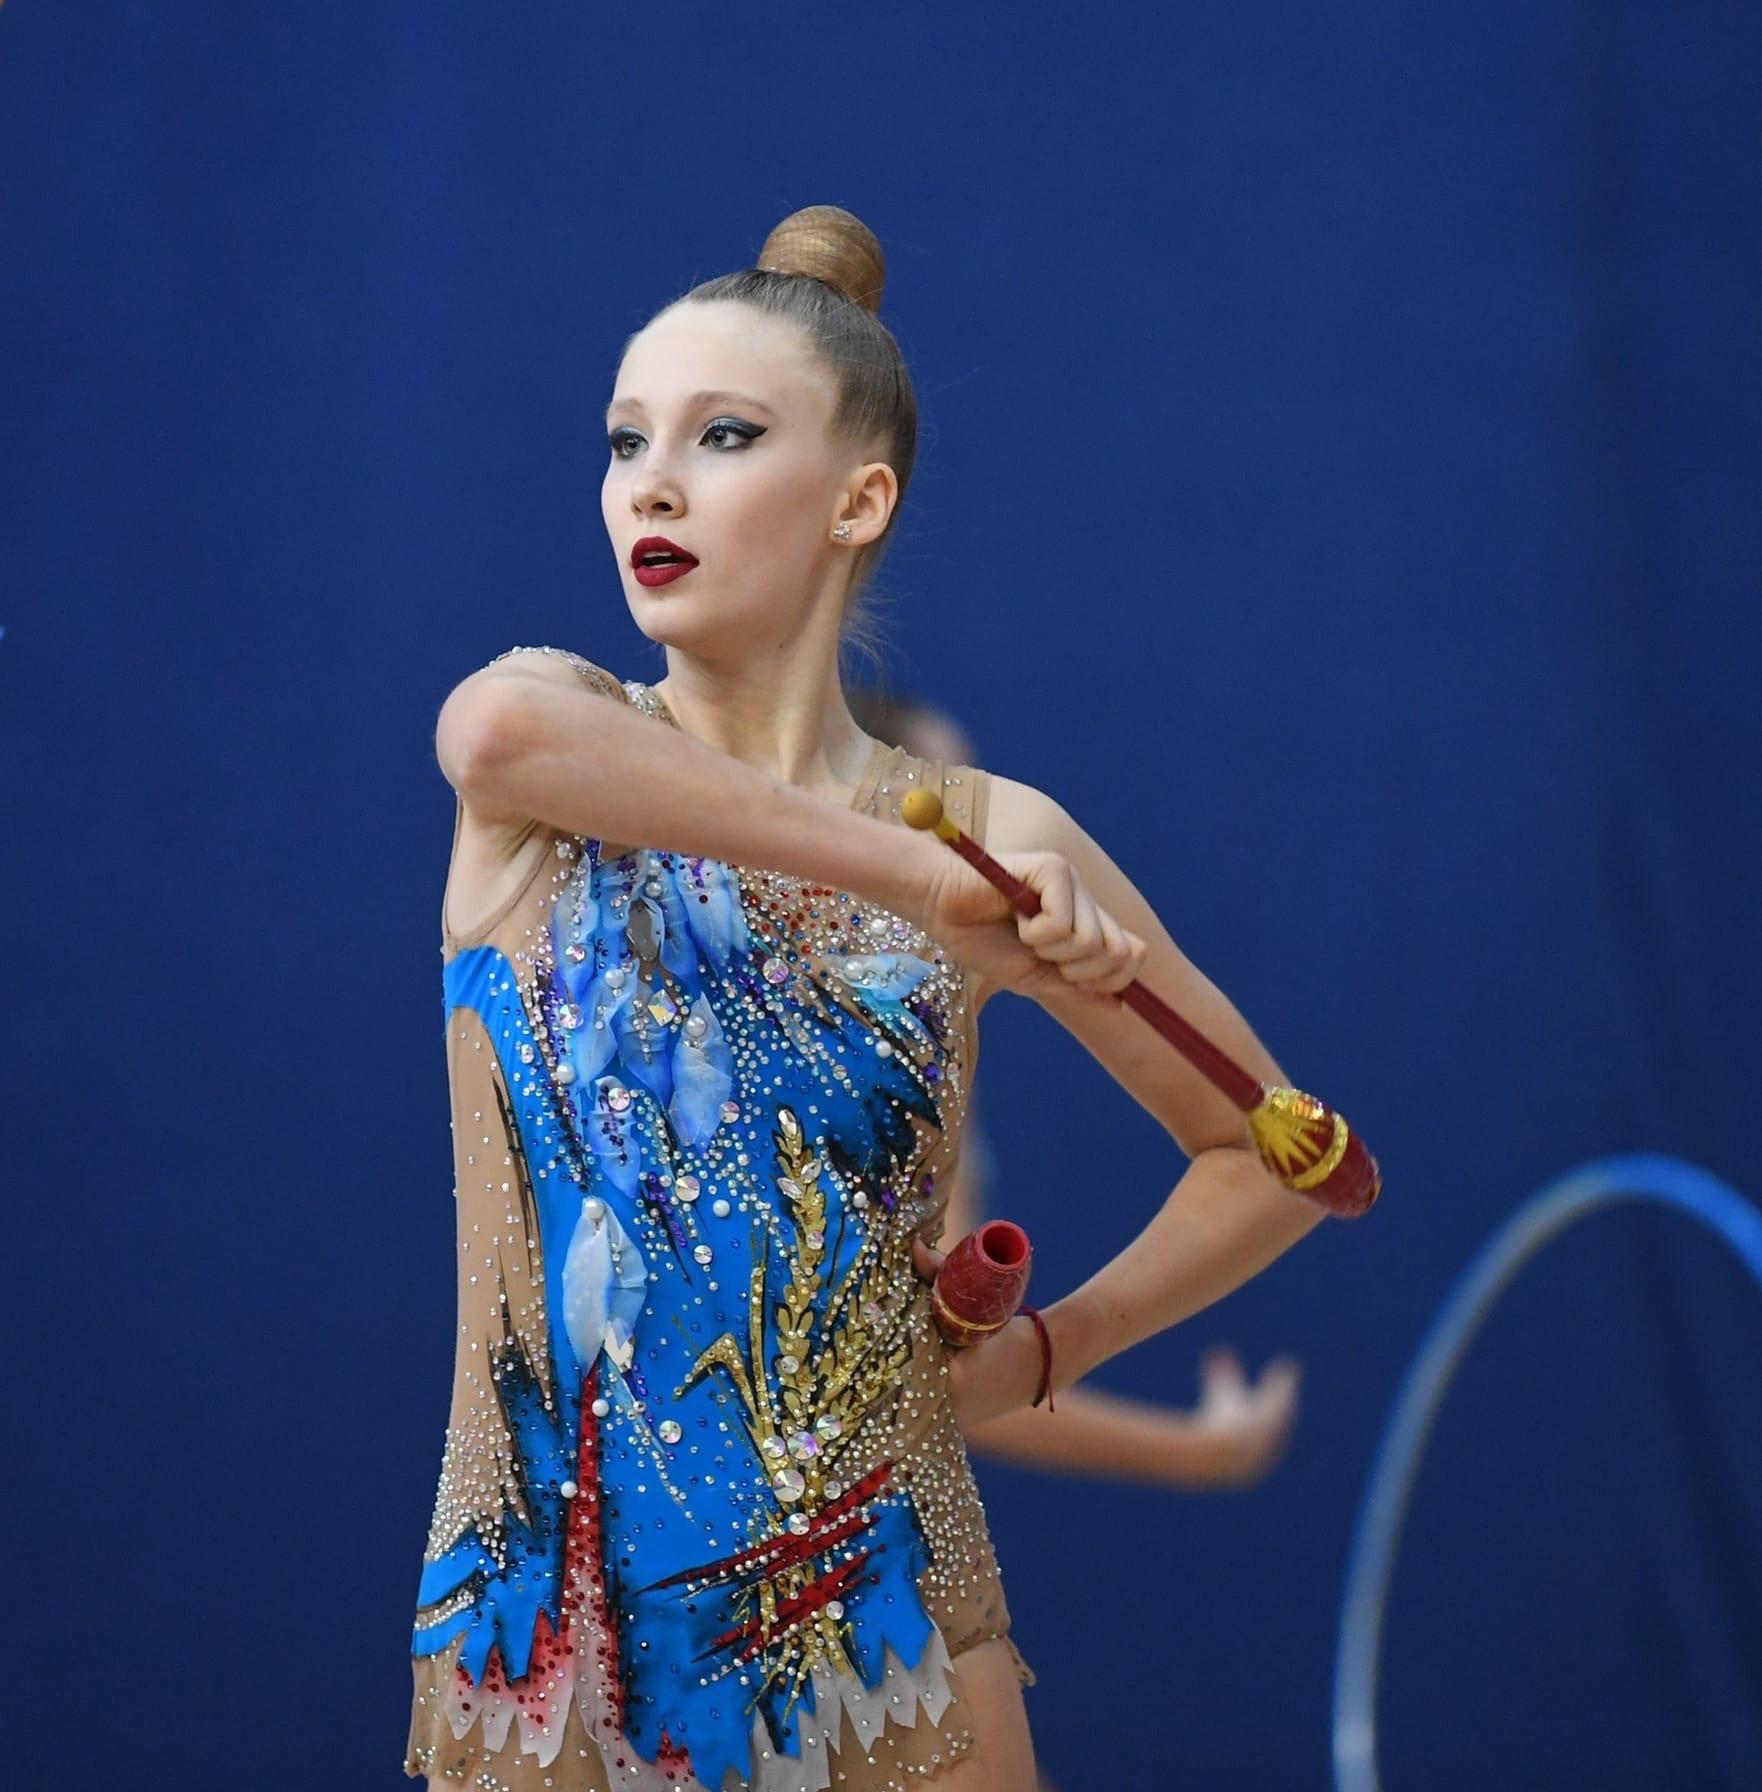 КОЛОМНАСПОРТ - Спорт в Коломне Озерчанка стала серебряным призёром Всероссийского турнира по художественной гимнастике «Звёзды Олимпа»